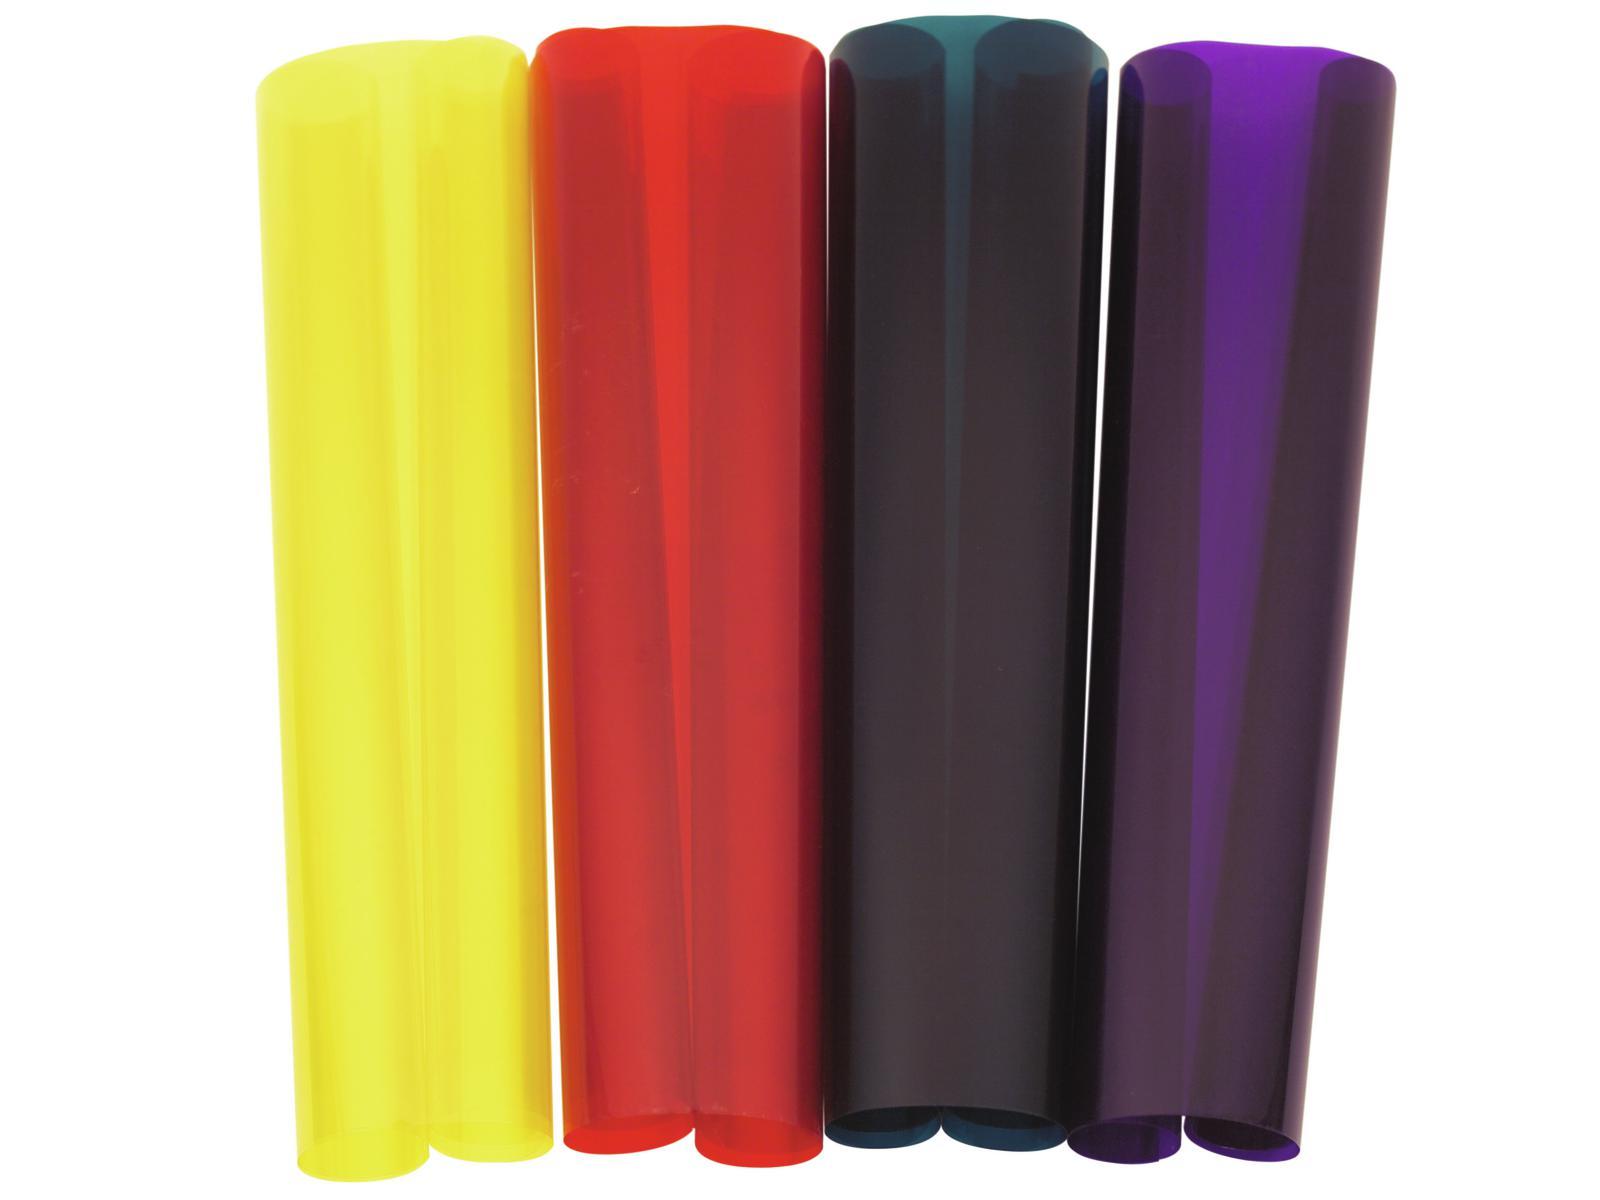 Gelatina Rotolo Foglio Filtro Per Tubo Neon led 079 50x58cm blu Eurolite